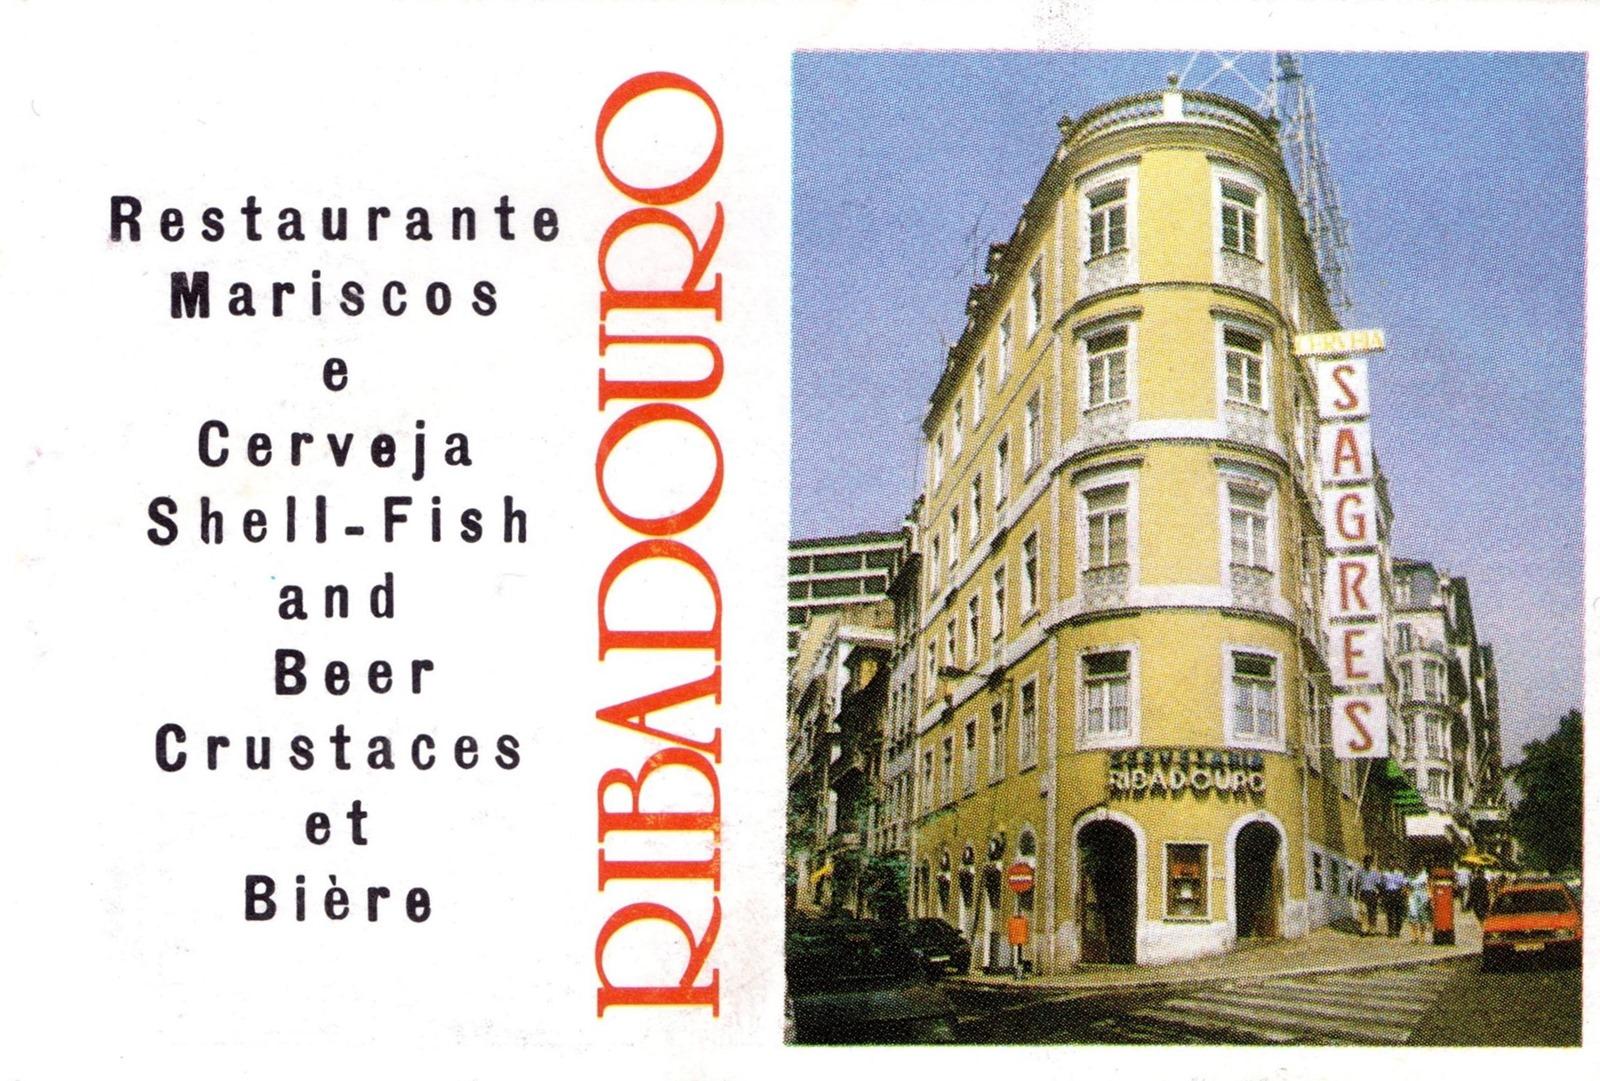 [Cervejaria-Ribadouro-1993]